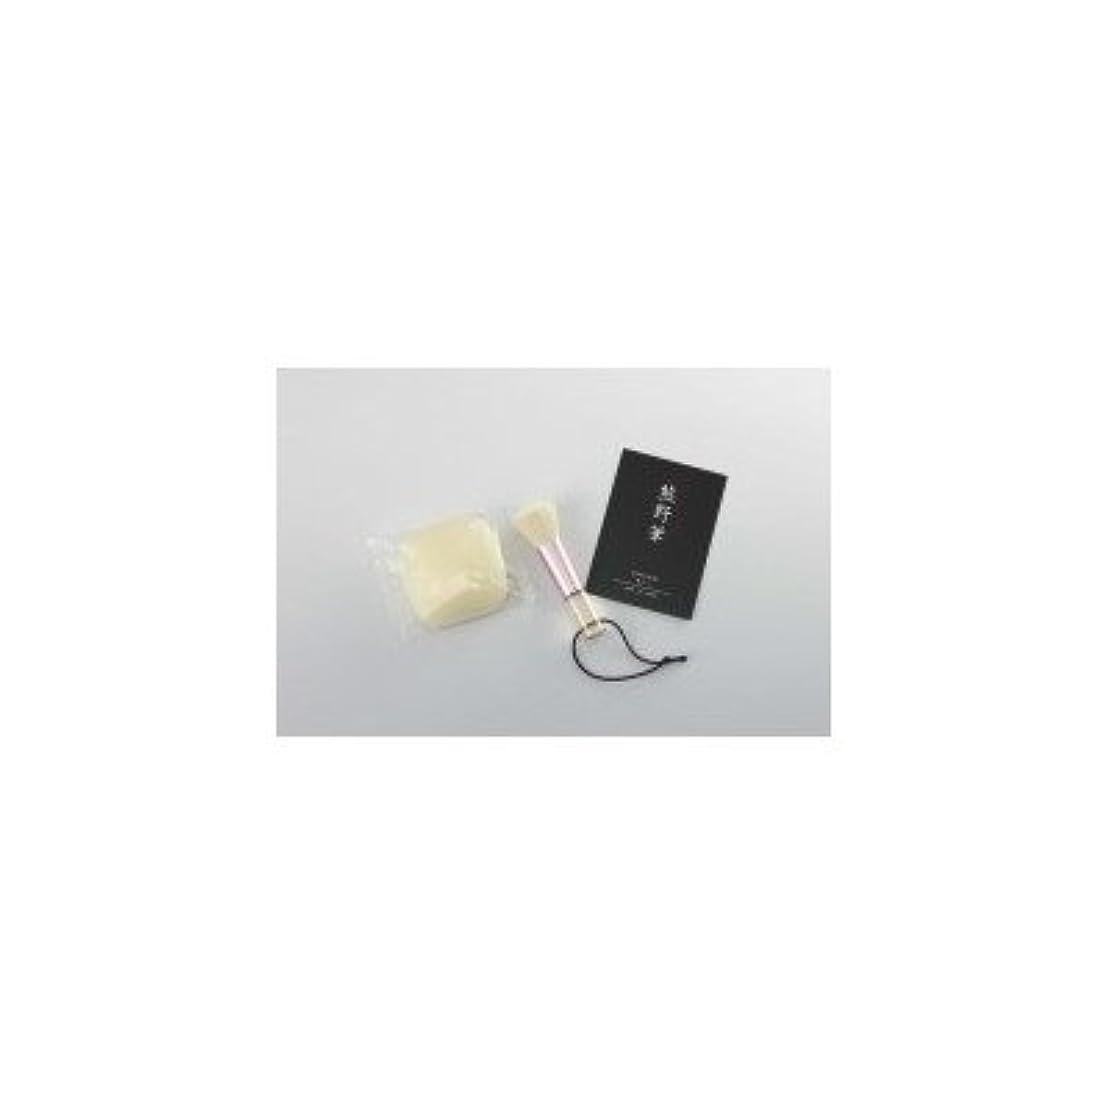 ダイエットラダ楽観世界に誇る熊野化粧筆 KFi-35FSZ 熊野化粧筆 筆の心 洗顔ブラシ&ソープ